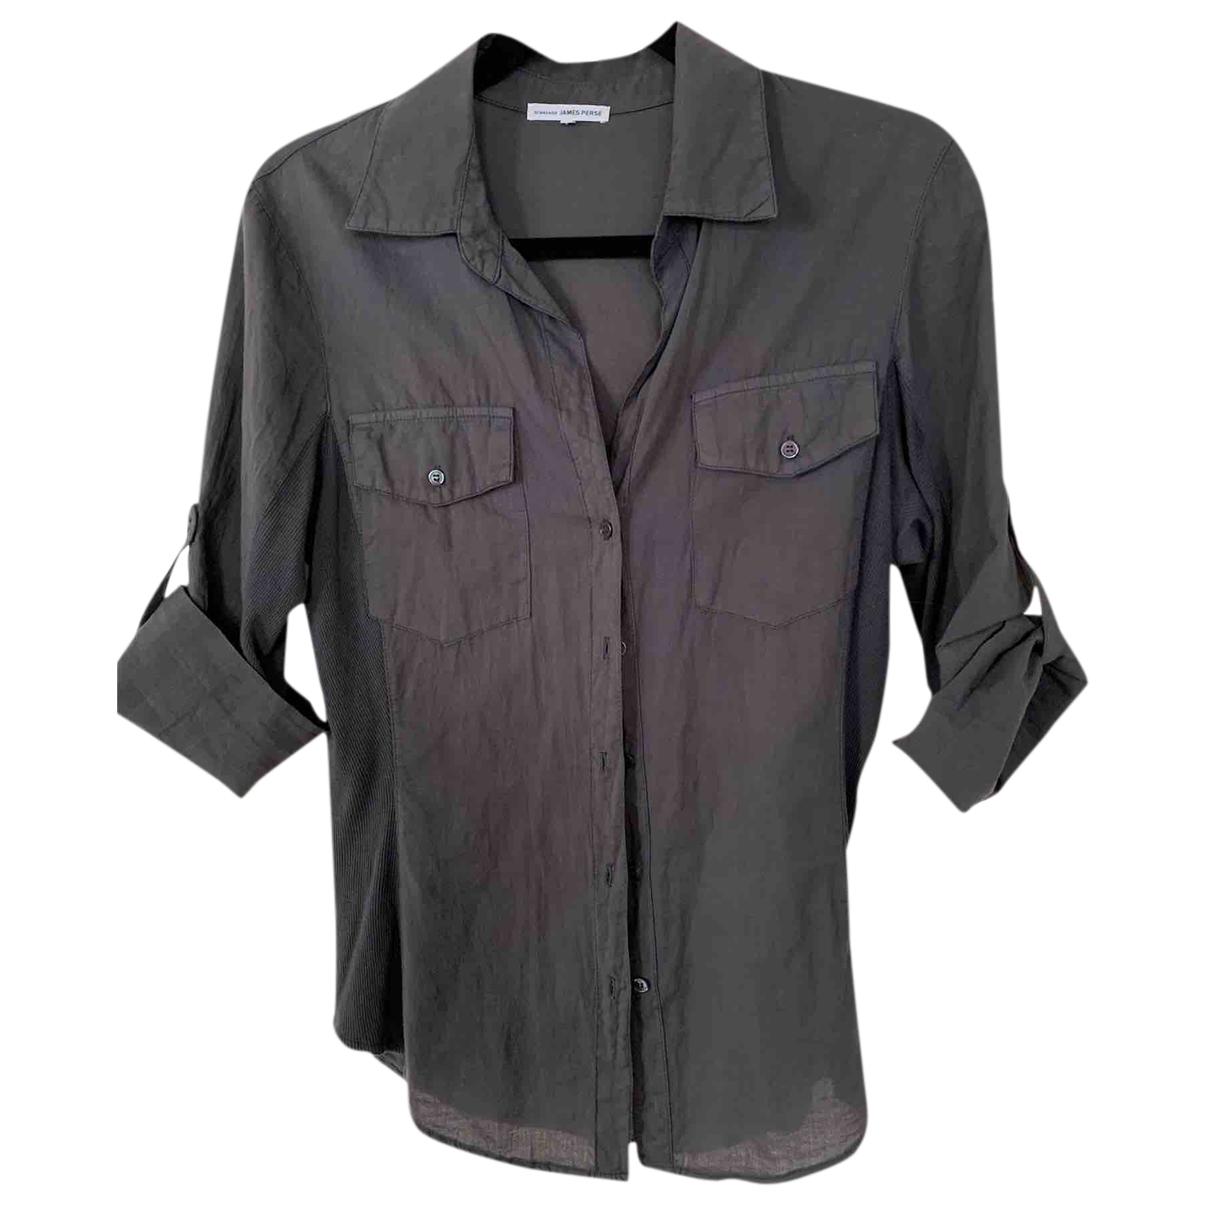 James Perse - Top   pour femme en coton - gris